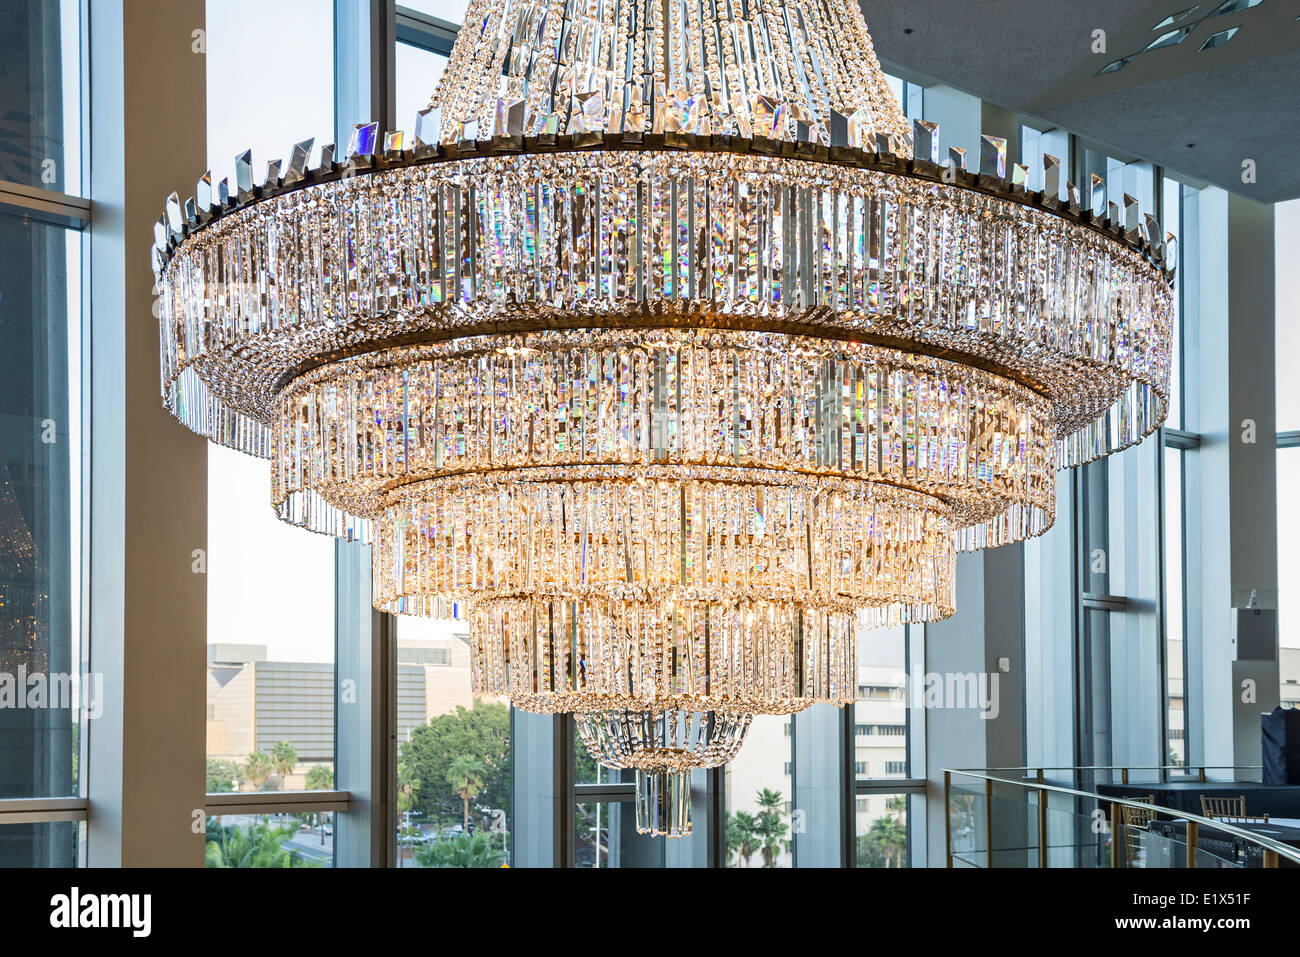 Kristall Kronleuchter Mit Schirm ~ Wunderschöne kristall kronleuchter von dorothy chandler pavilion